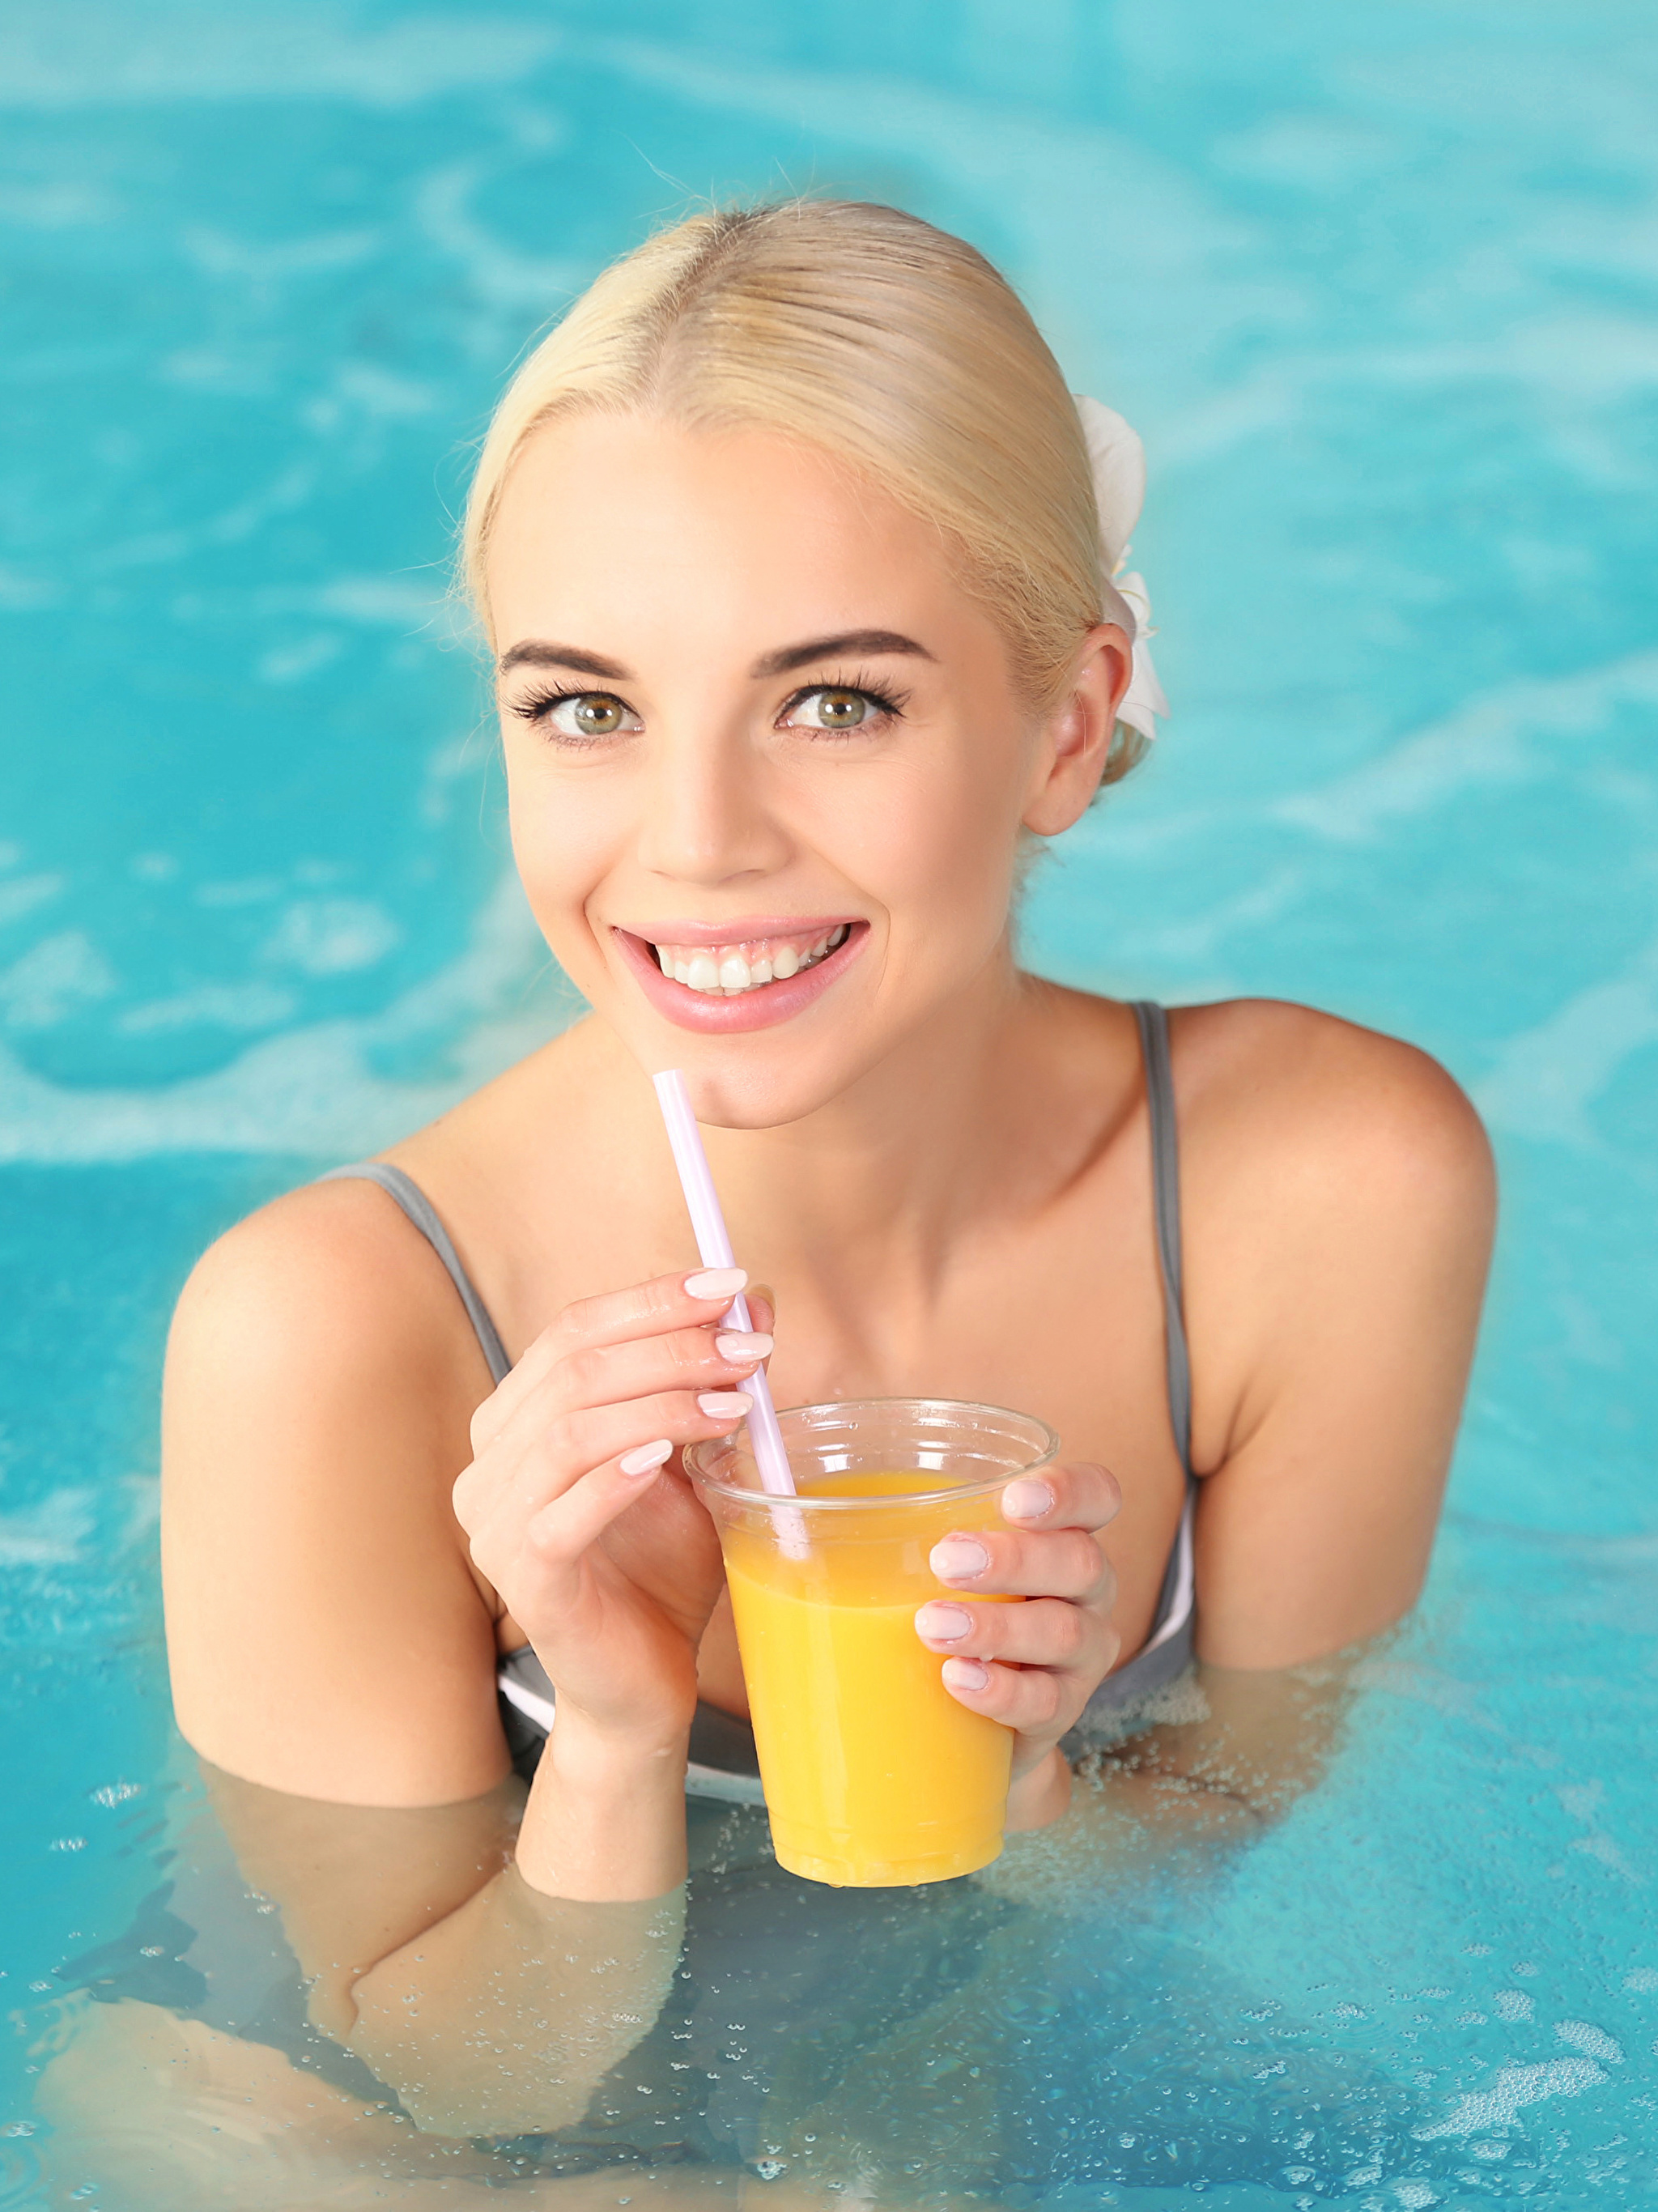 Фото блондинки Бассейны улыбается Сок Девушки Стакан 2048x2732 блондинок Блондинка Плавательный бассейн Улыбка стакана стакане